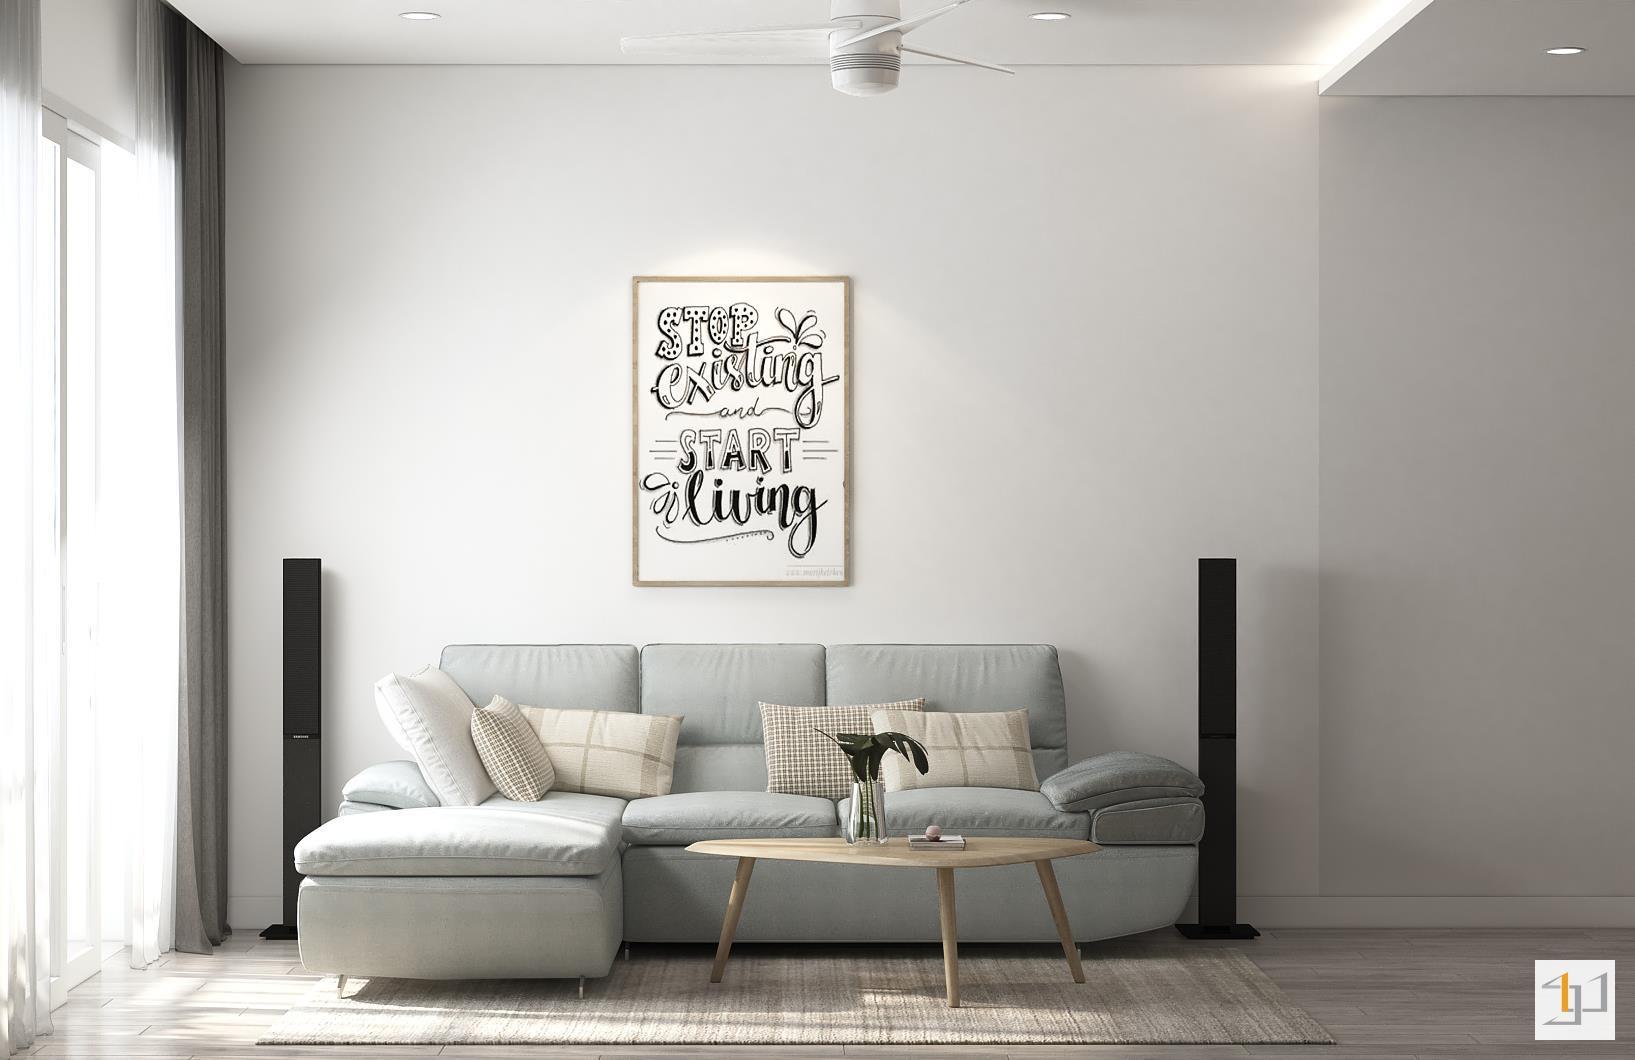 thiết kế nội thất chung cư đơn giản - 07